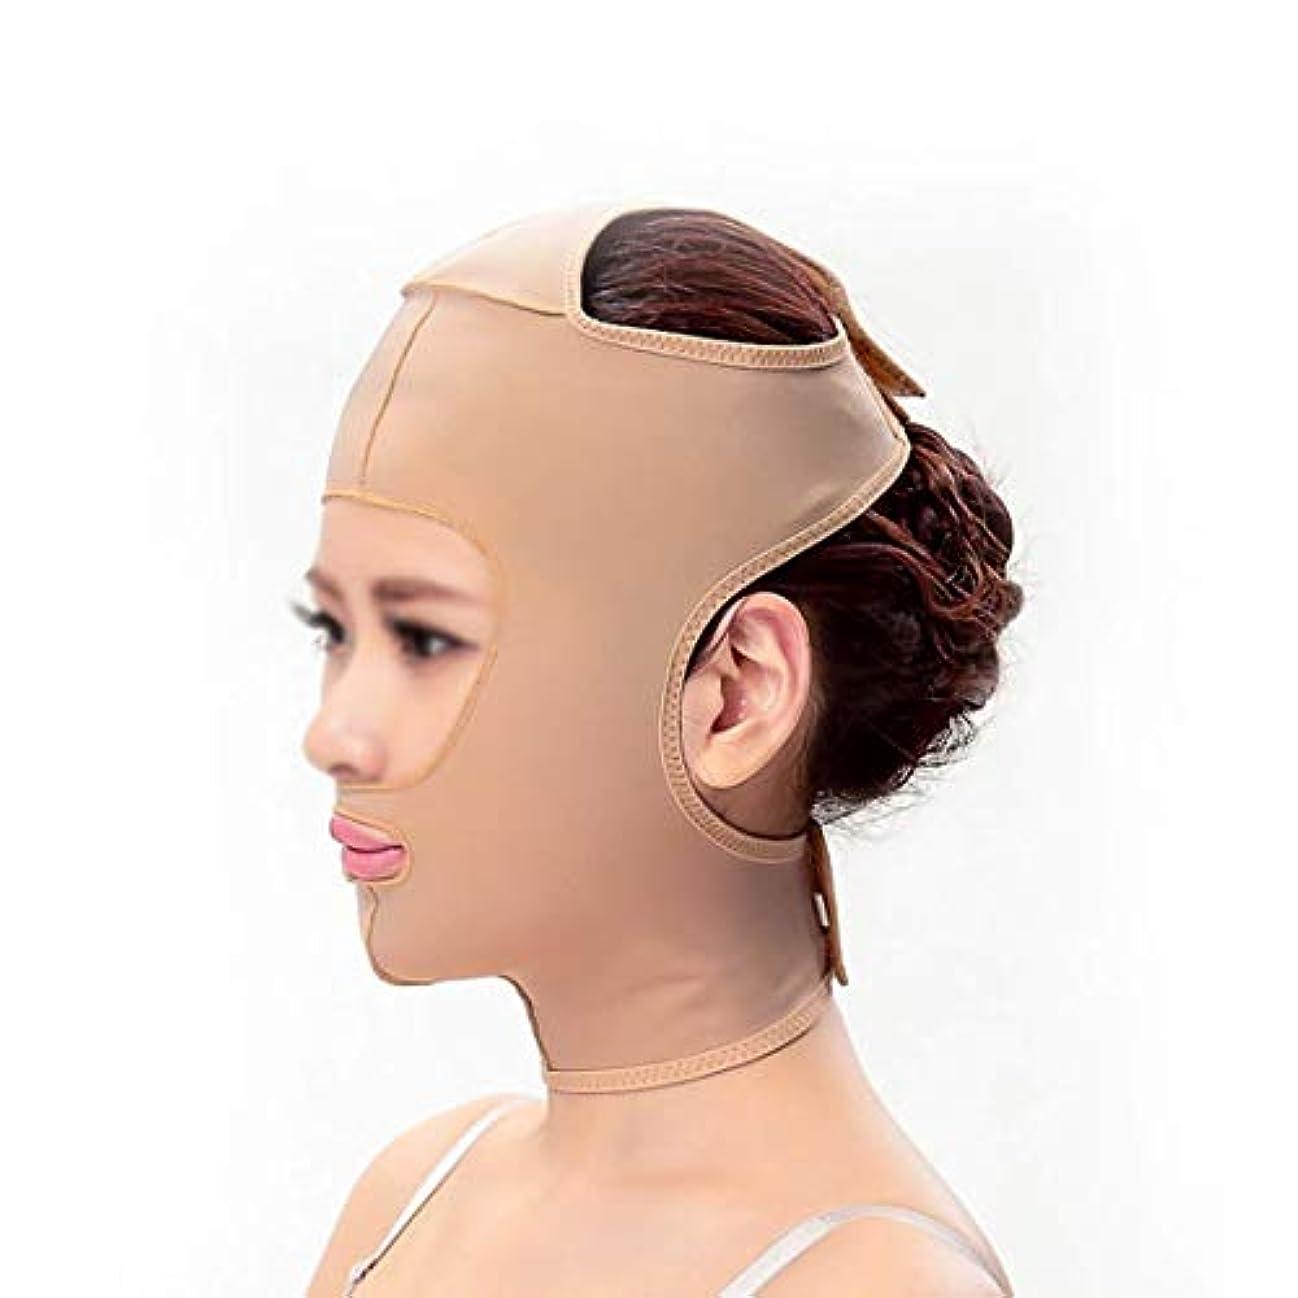 出演者仲間、同僚よろめくスリミングベルト、二重あごの引き締め顔面プラスチックフェイスアーティファクト強力なフェイスバンデージをサイズアップするために顔面マスクシンフェイスマスク,M